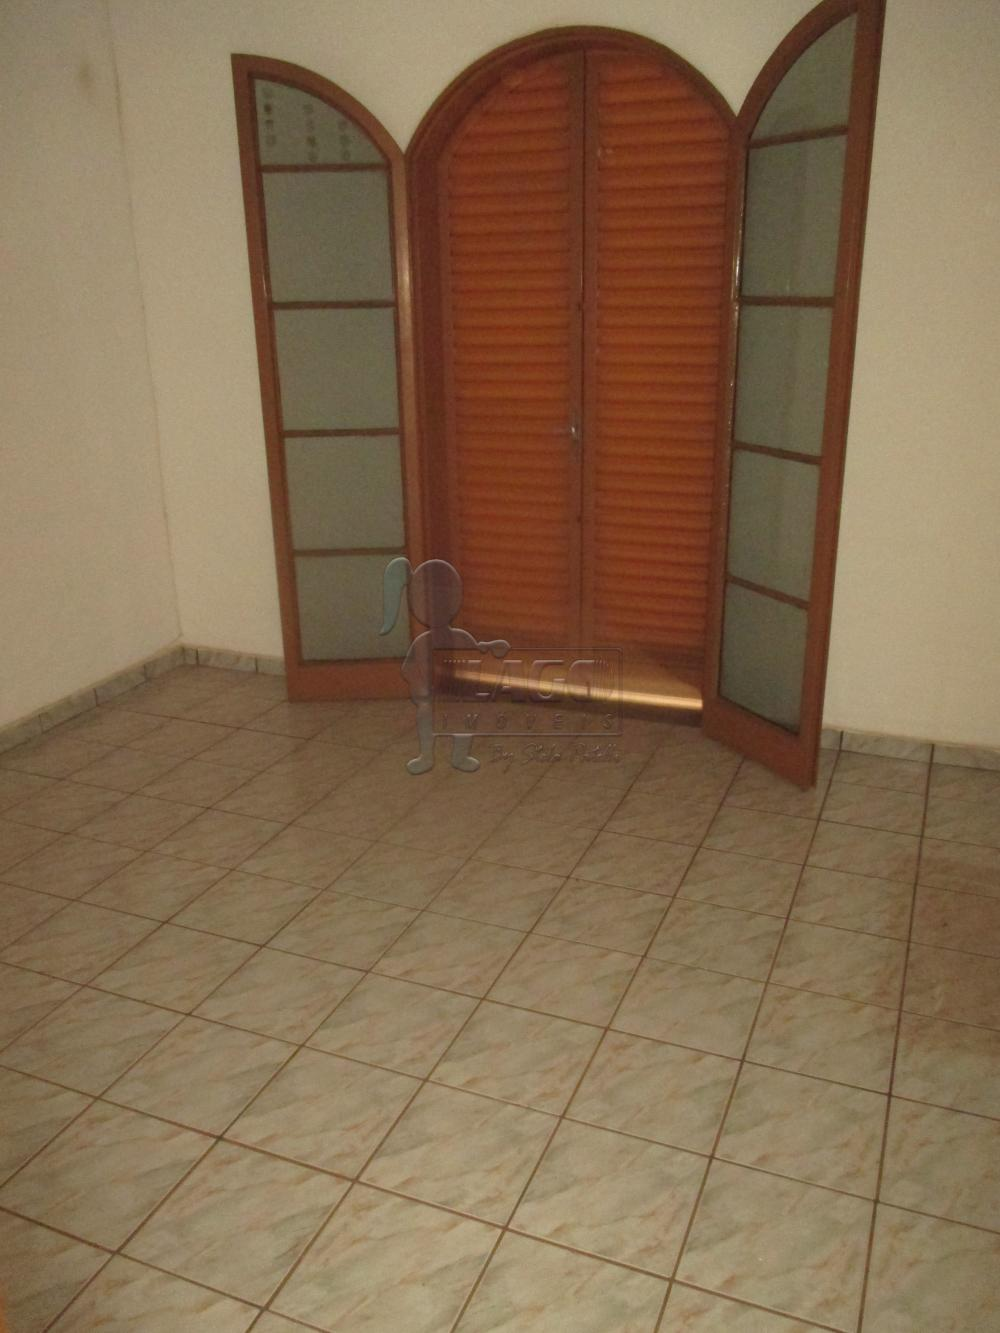 Alugar Casas / Padrão em Ribeirão Preto apenas R$ 3.500,00 - Foto 7